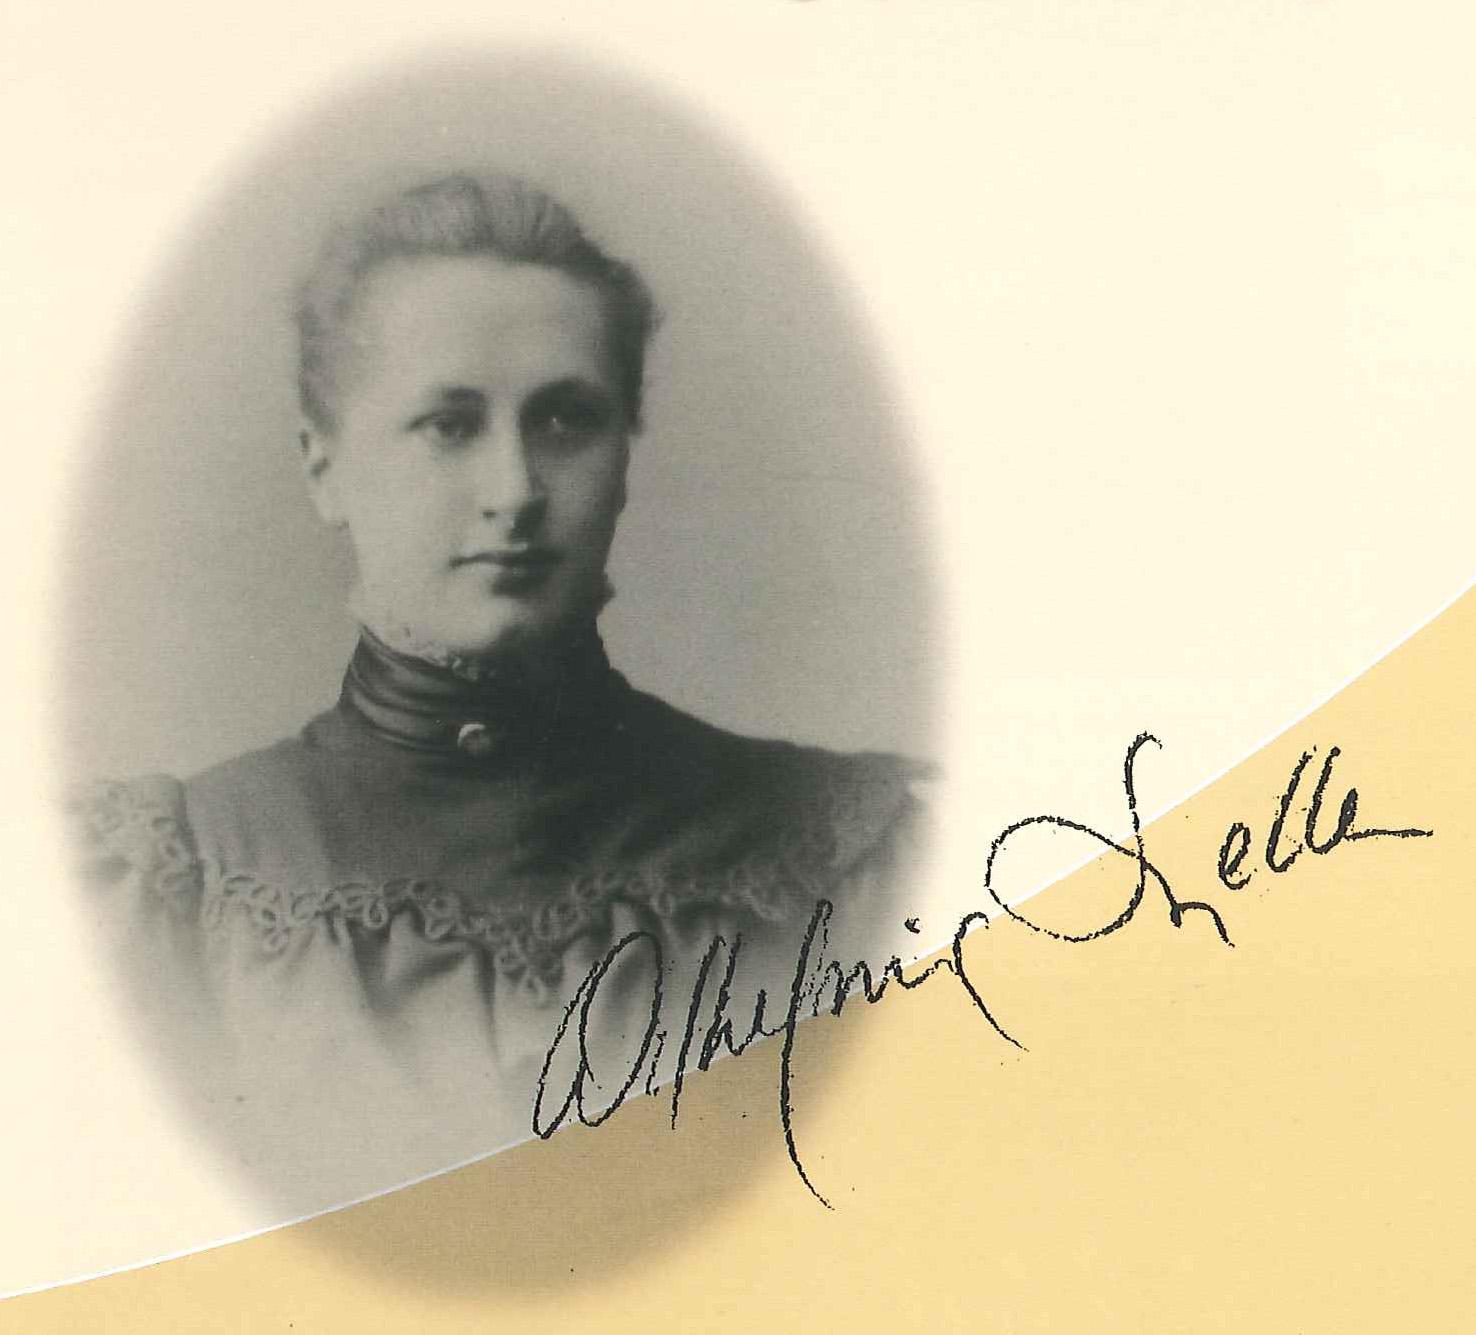 Wilhelmina Snellen stichting